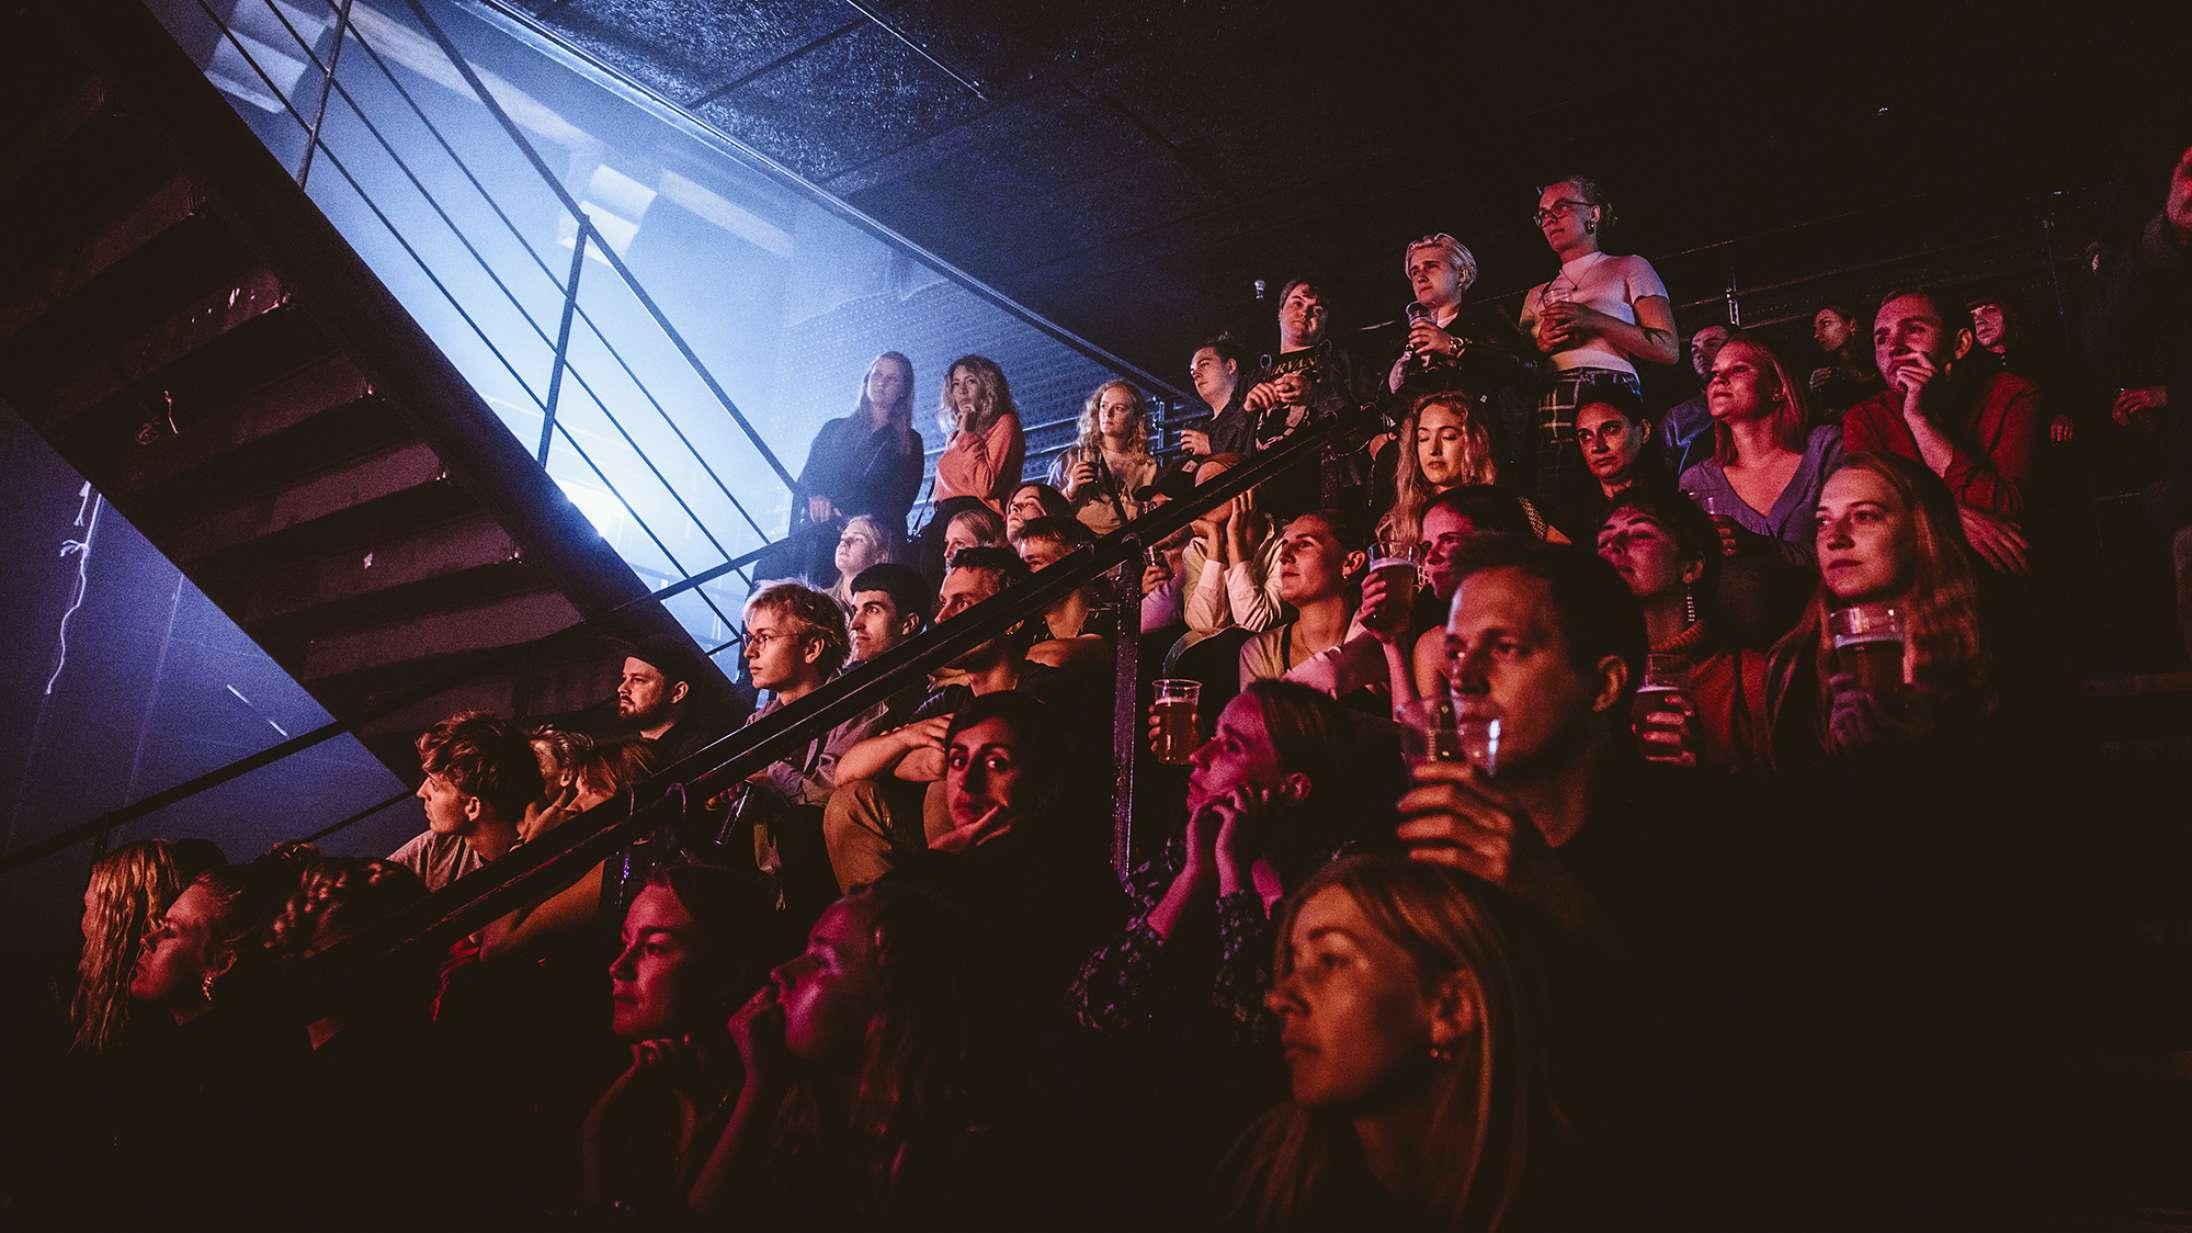 Regeringen præsenterer plan for genåbning af spillesteder, biografer og natklubber